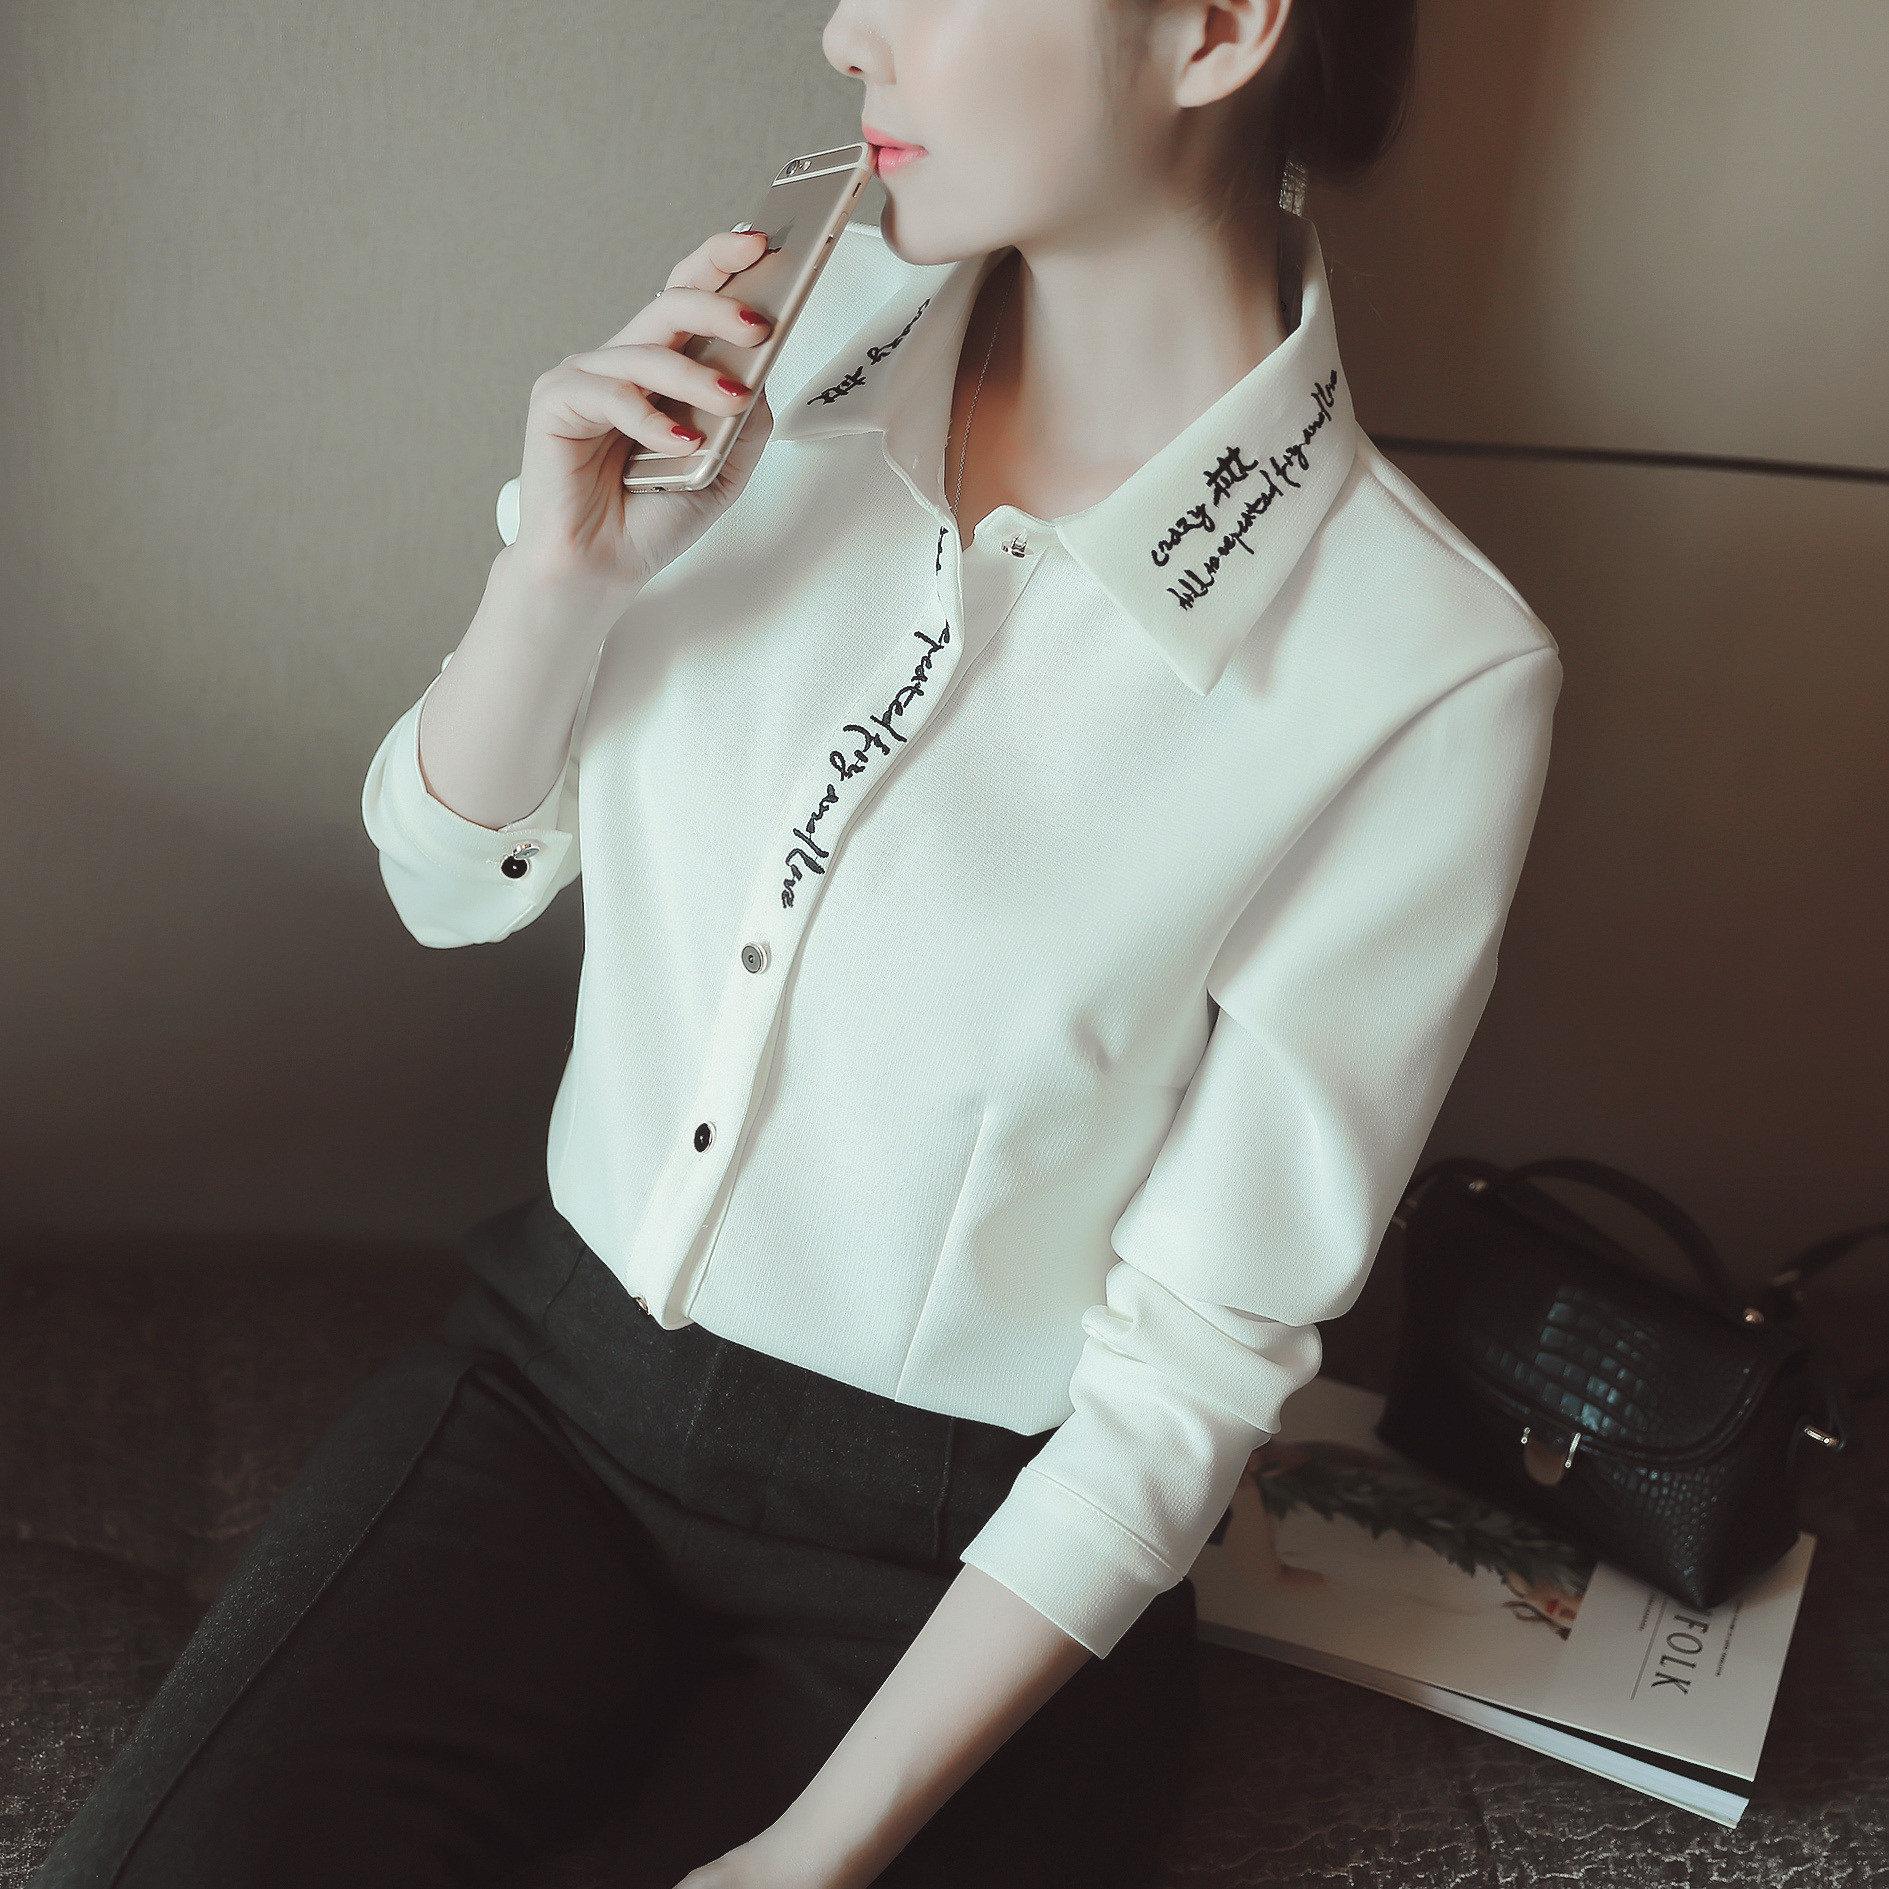 a7f2483233511 2018 بيع النساء البلوزات زائد حجم الخريف جديد المرأة الكورية الأبجدية طية  صدر السترة قميص كل مباراة المطرزة مزاجه لطيفة قمصان